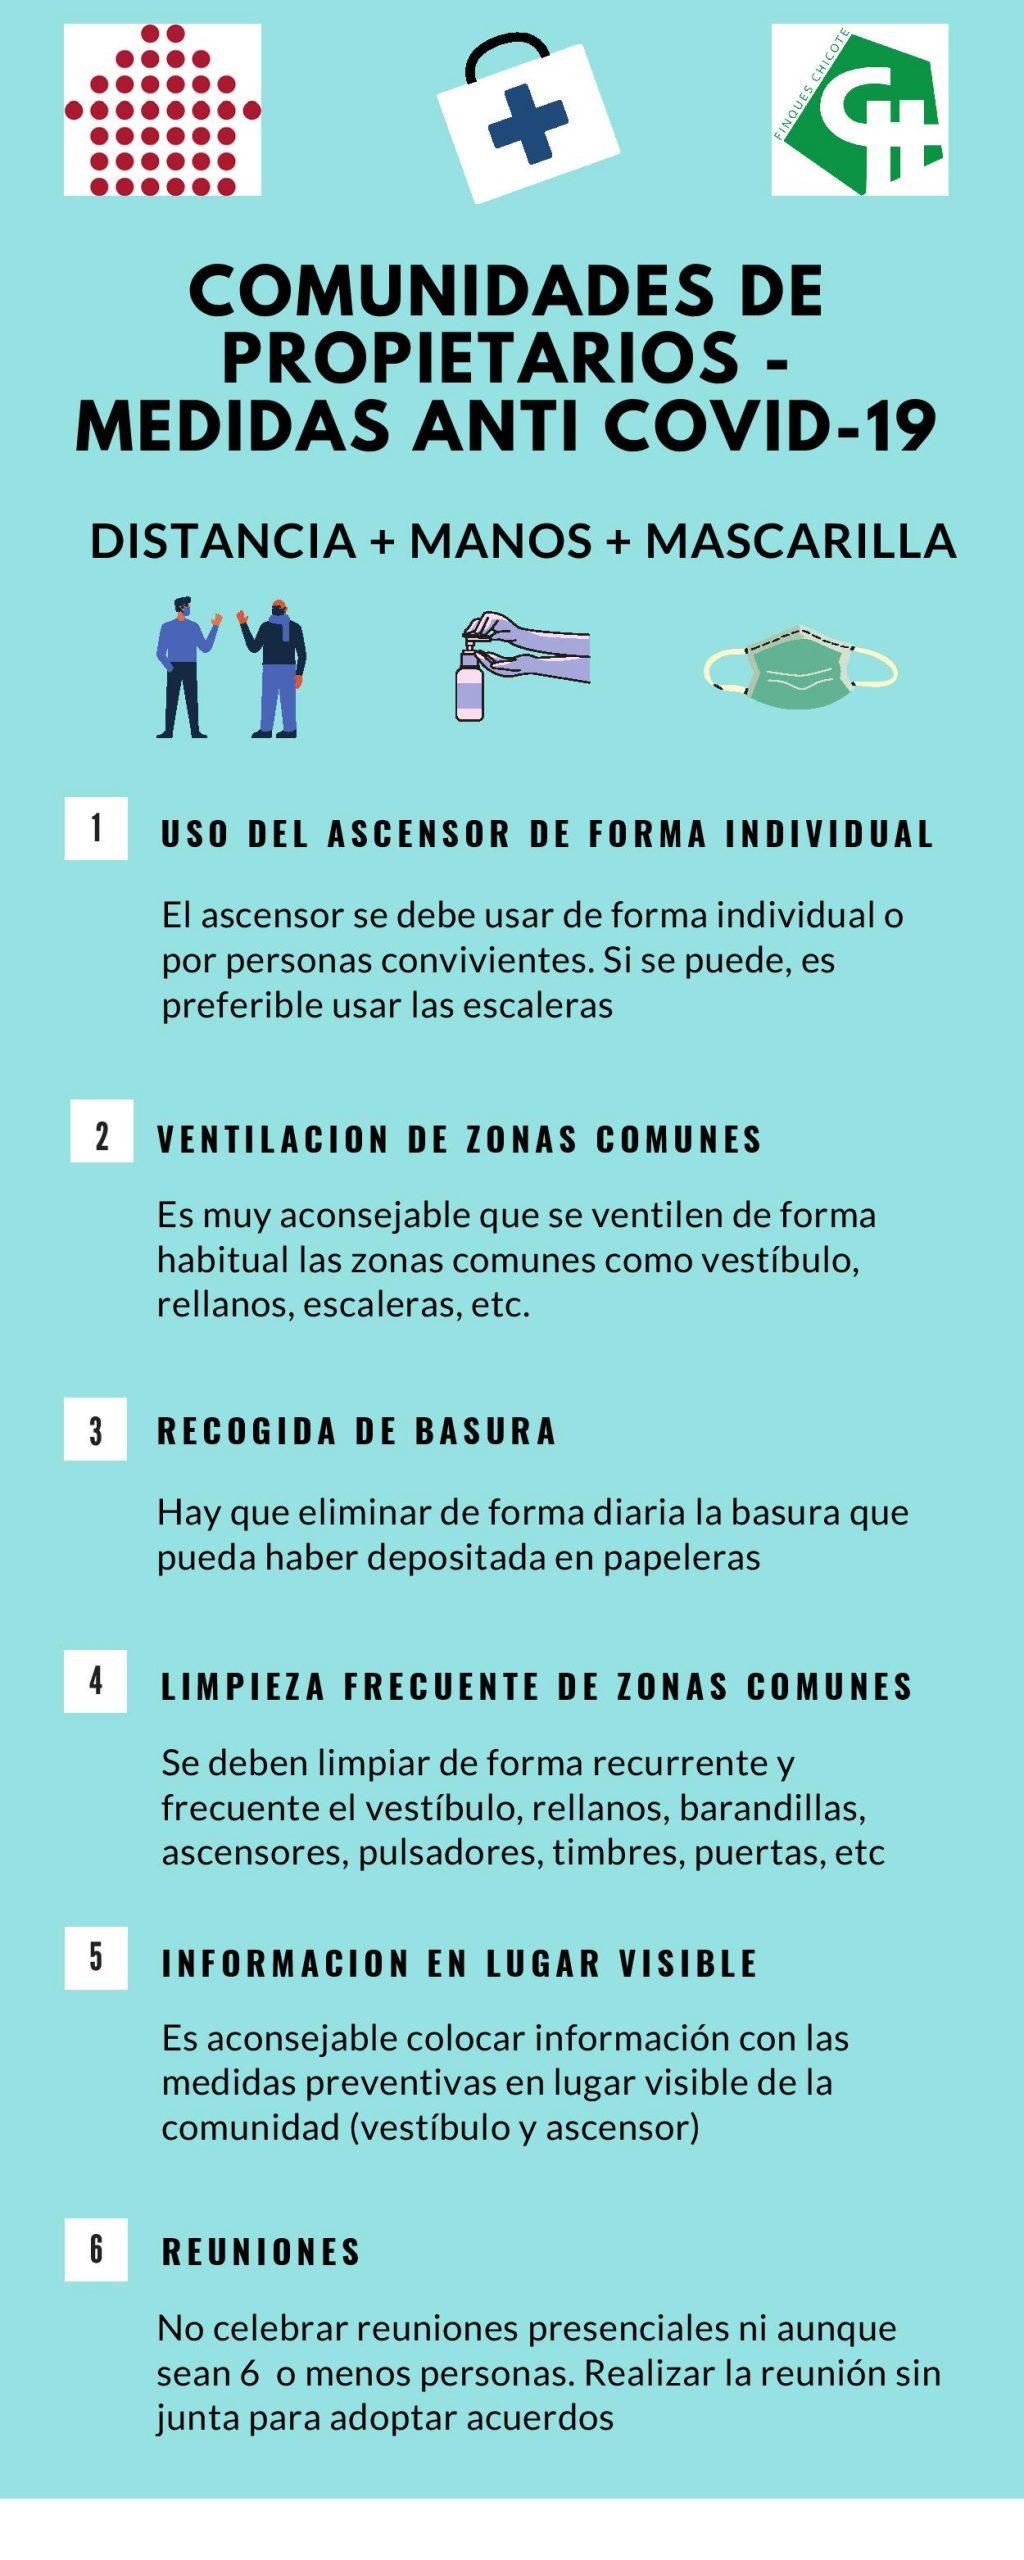 comunidades de propietarios - medidas anti covid-19-administrador fincas propietarios barcelona